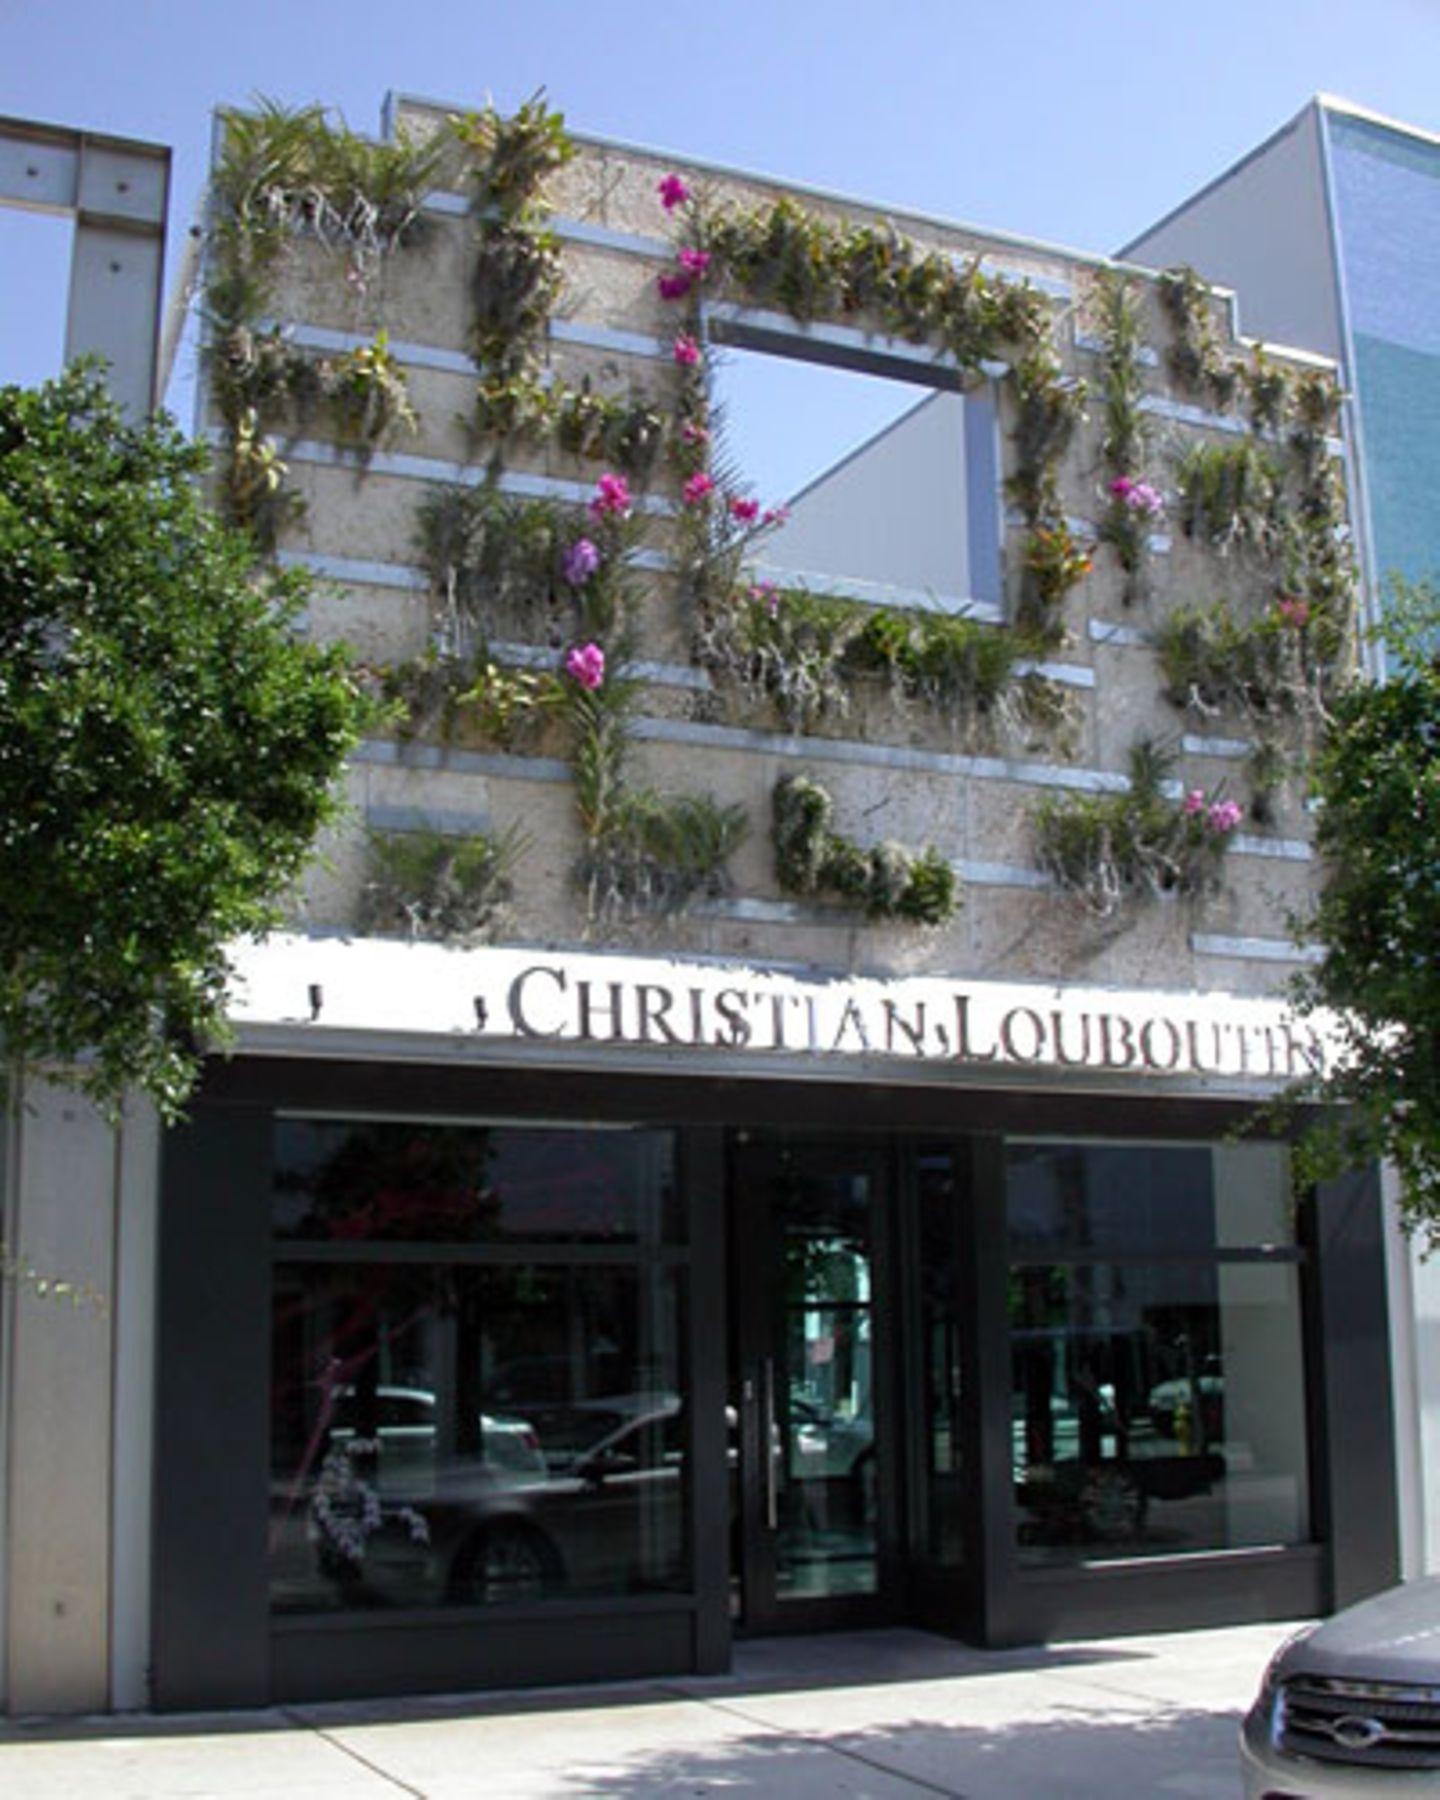 Im aufstrebenden Design District von Miami wirkt vieles improvisiert, aber interessant. Hier etwa eine bepflanzte Hausfassade.